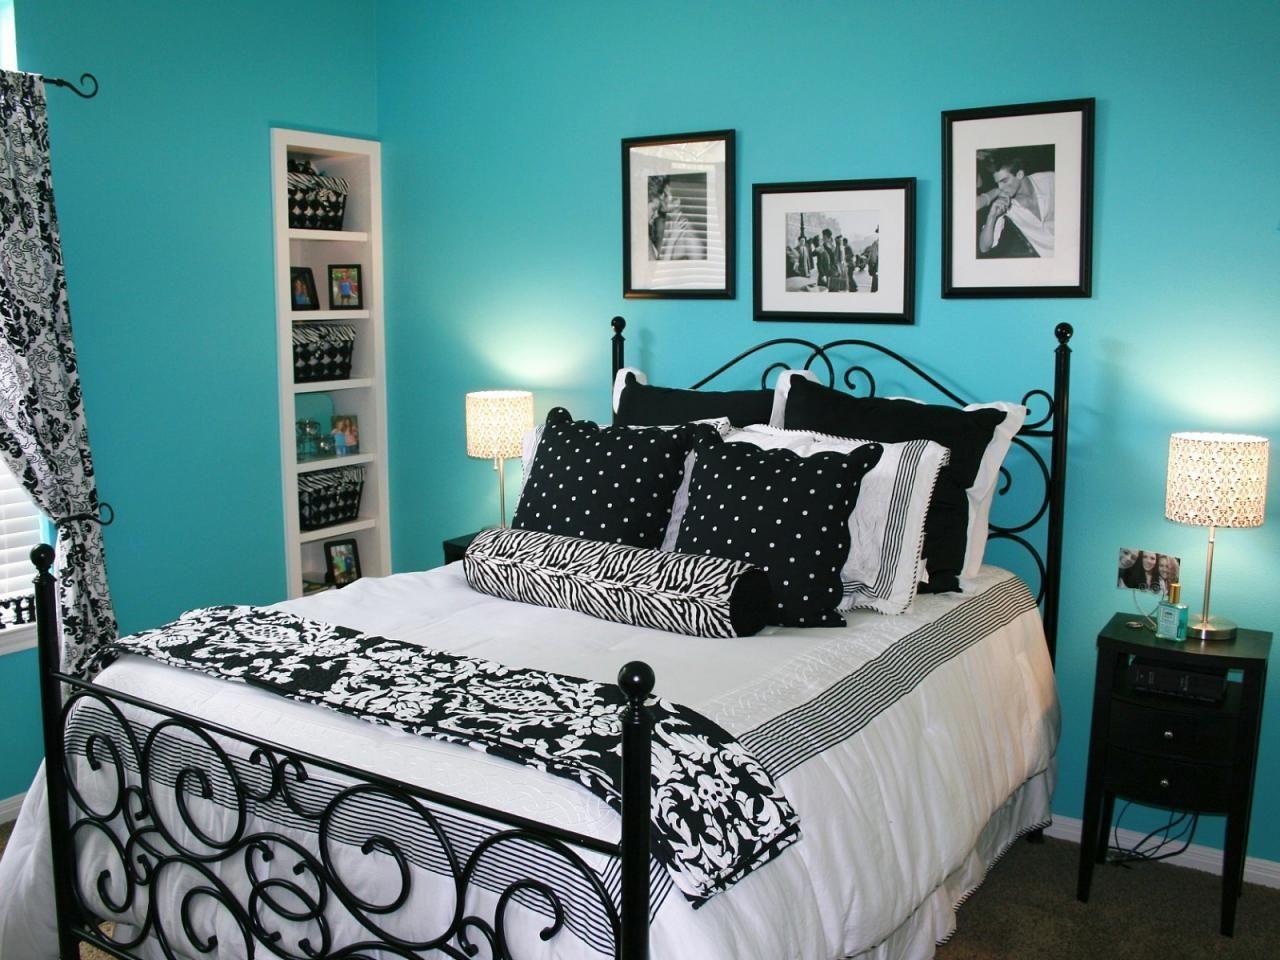 Blue and black bedroom designs - Colorful Teen Bedrooms Kids Room Ideas For Playroom Bedroom Bathroom Hgtv